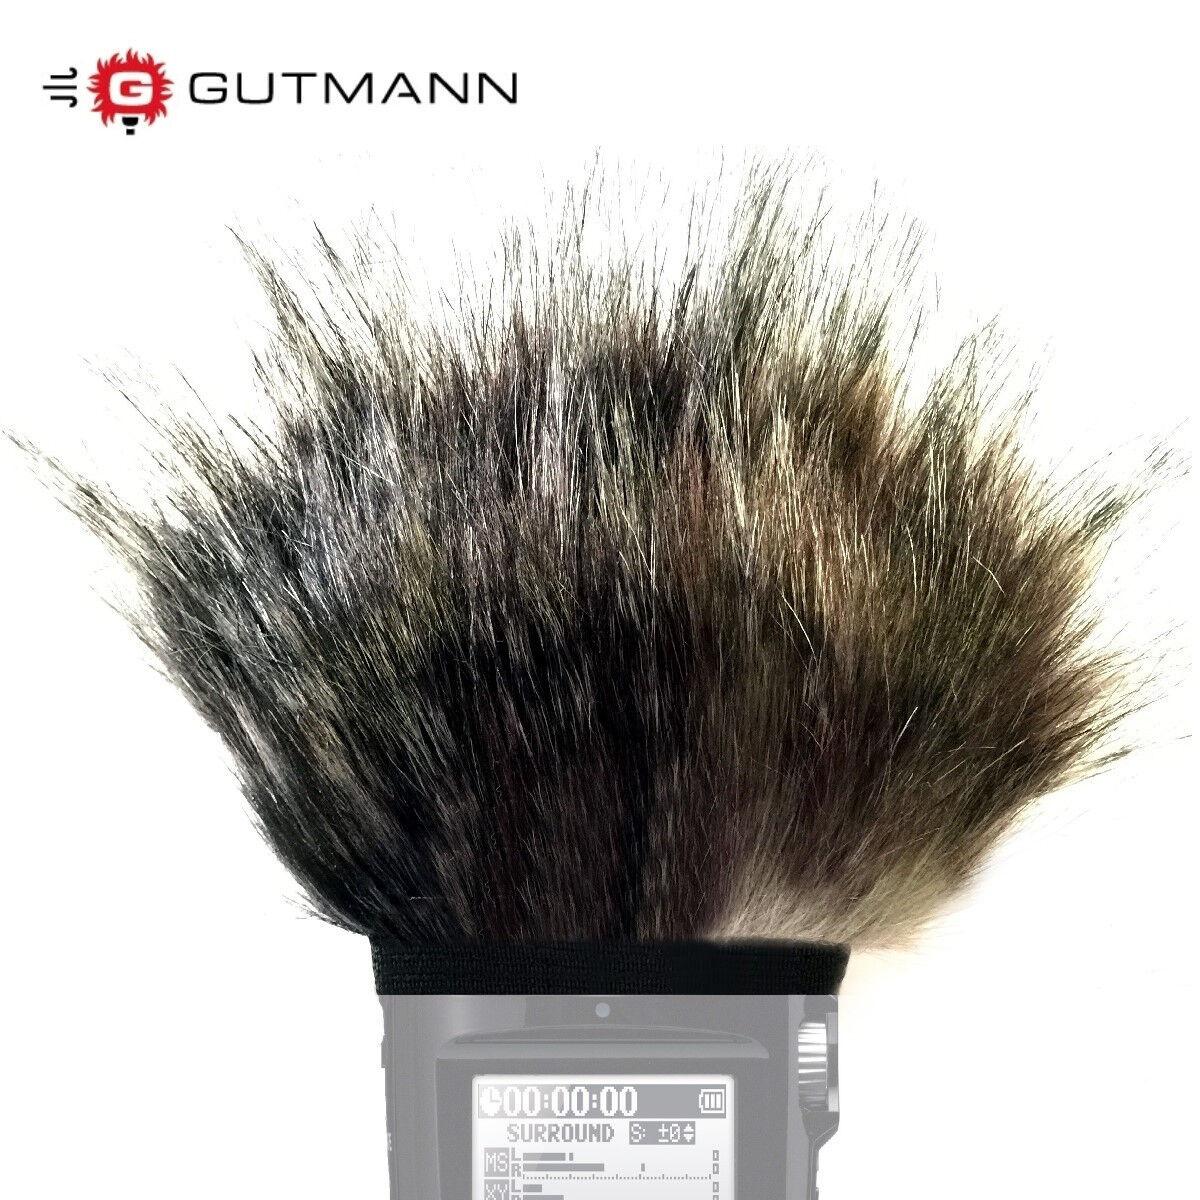 Gutmann Mikrofon Windschutz Für Universal Camcorder Handycam Video Production & Editing